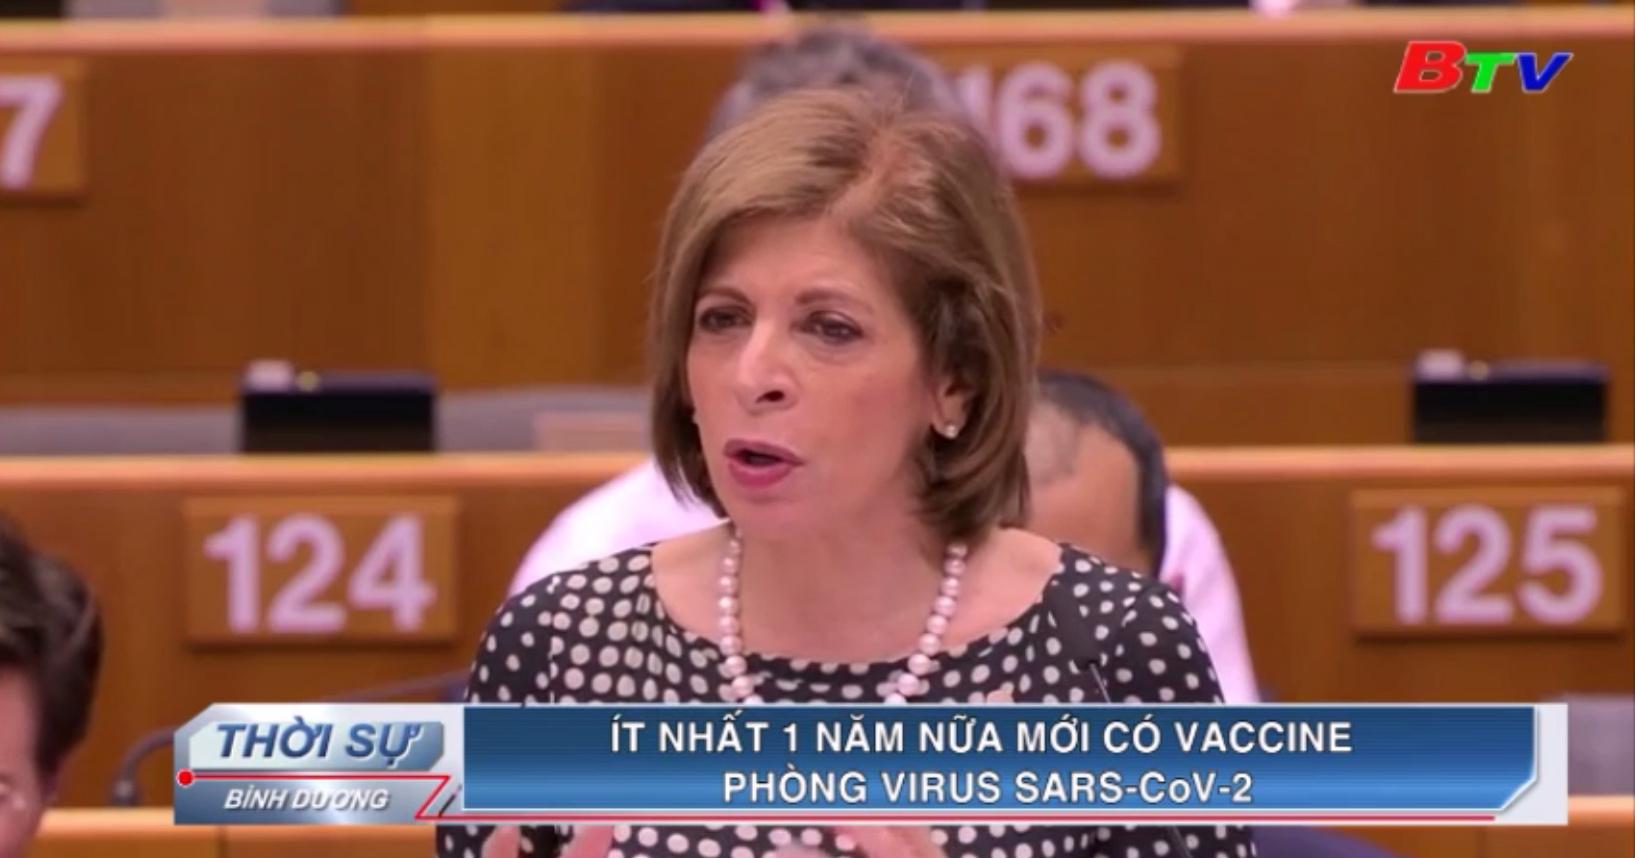 Ít nhất 1 năm nữa mới có vaccine phòng virus SARS-CoV-2